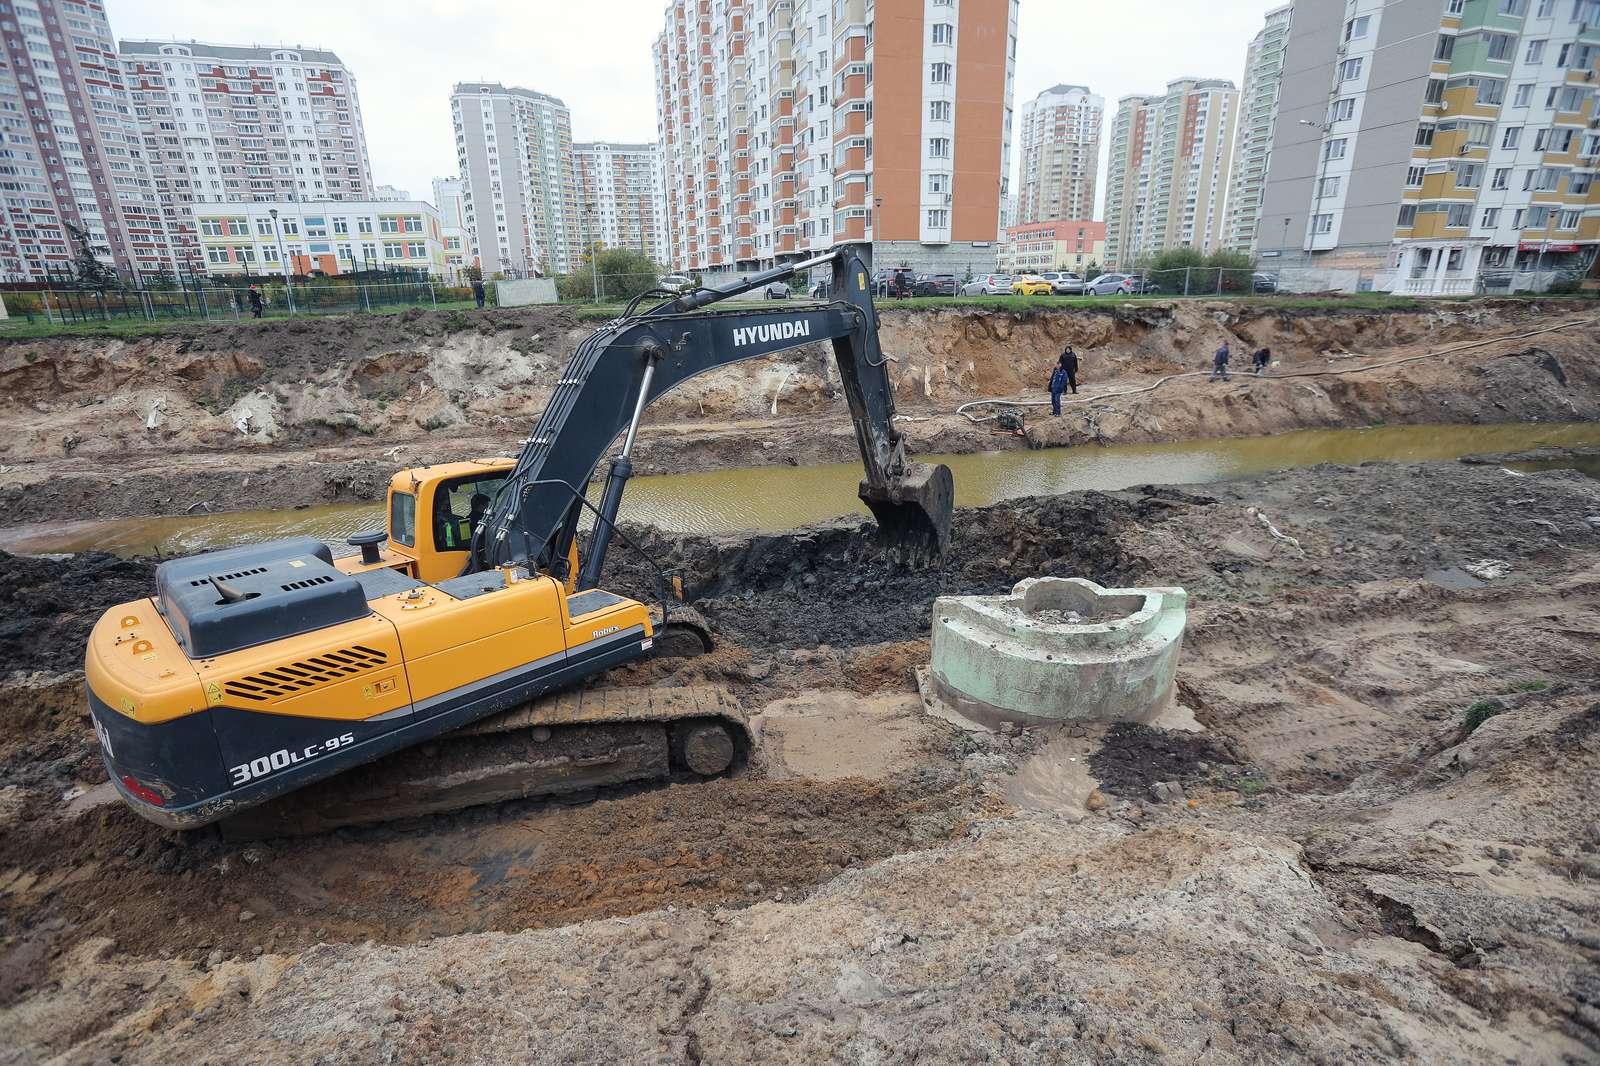 Пруд Коровка в Балашихе очистят и благоустроят к концу октября | Изображение 3